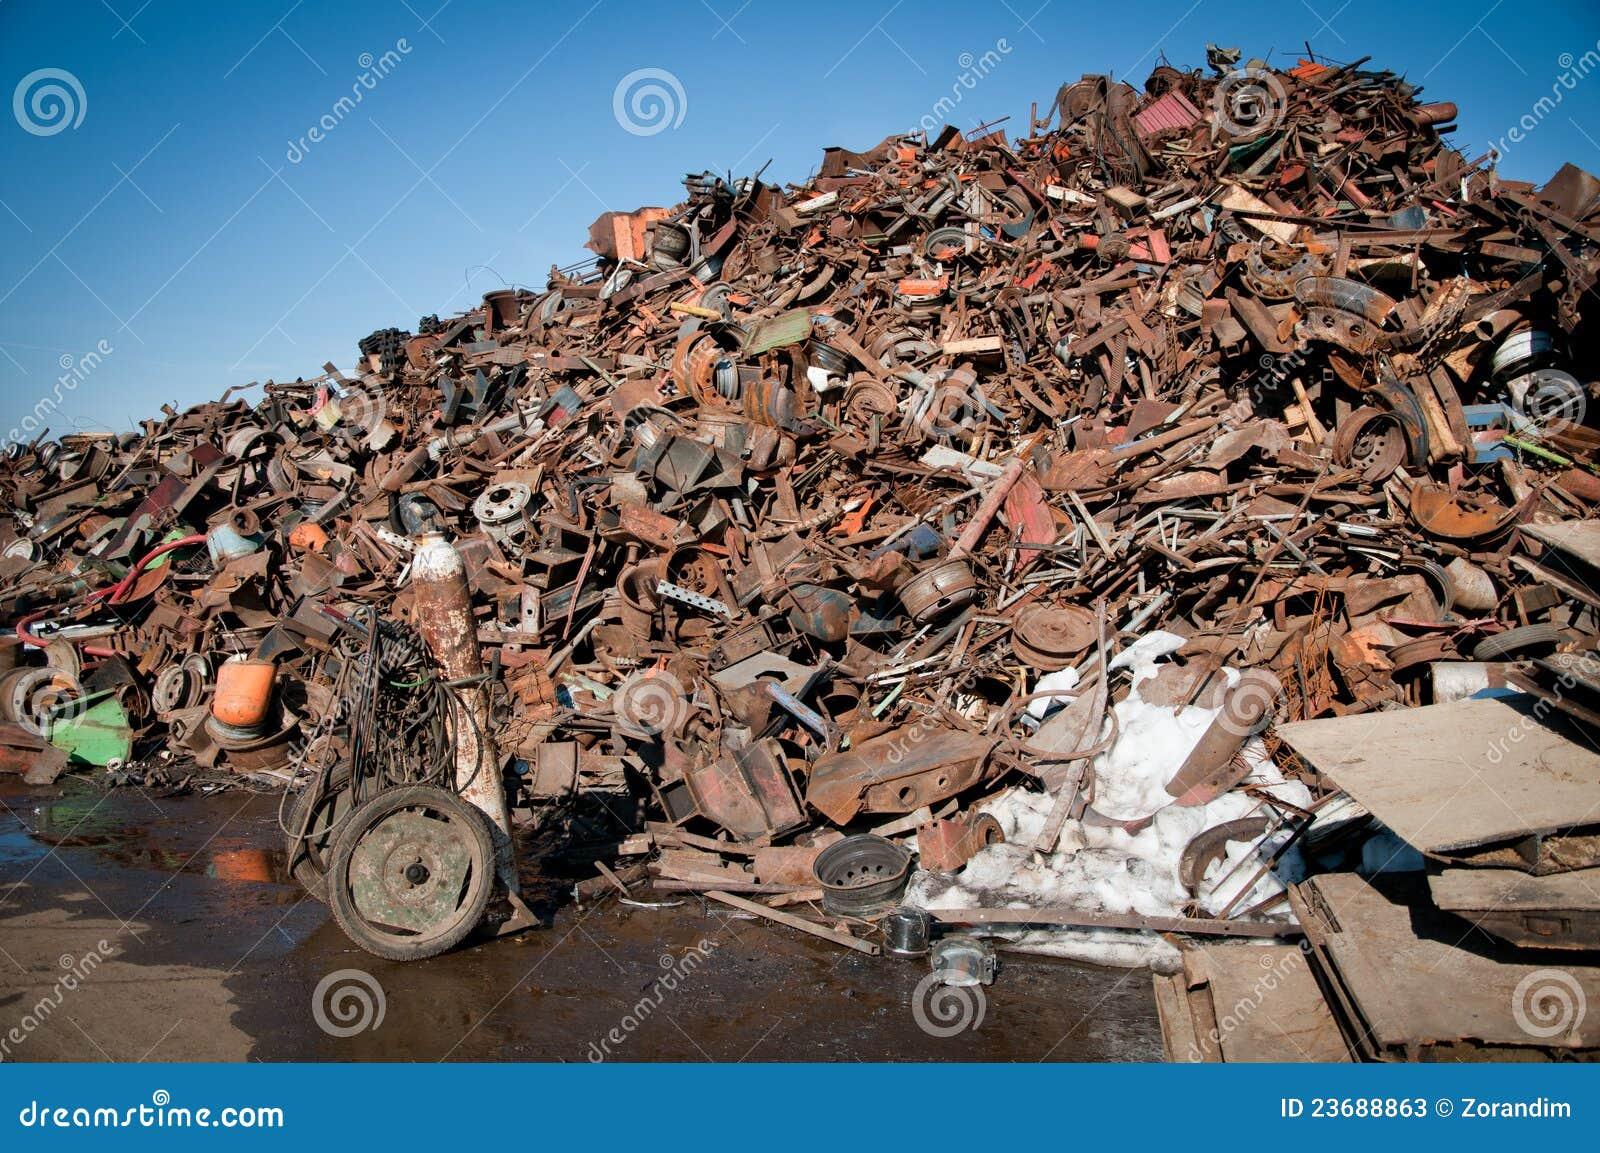 De schroot van het ijzer die wordt samengeperst om te recycleren